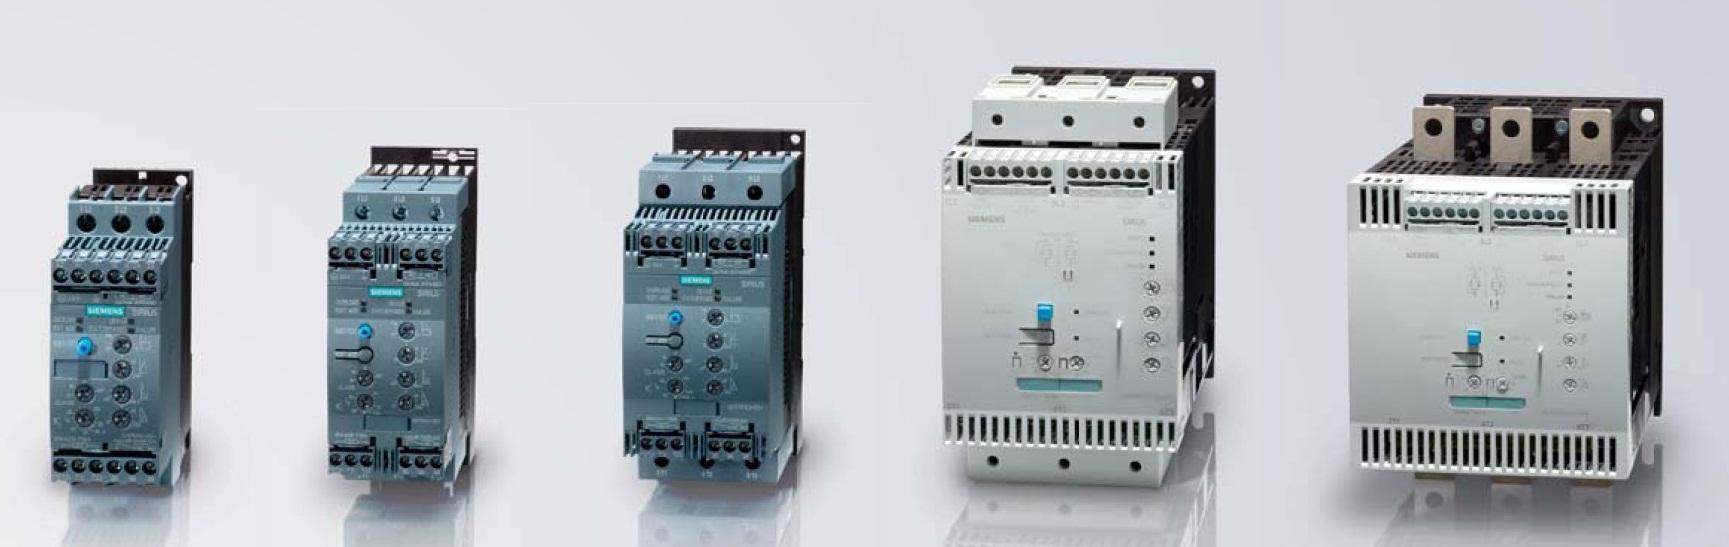 siemens 3rw2920-6kc00 软启动 备件